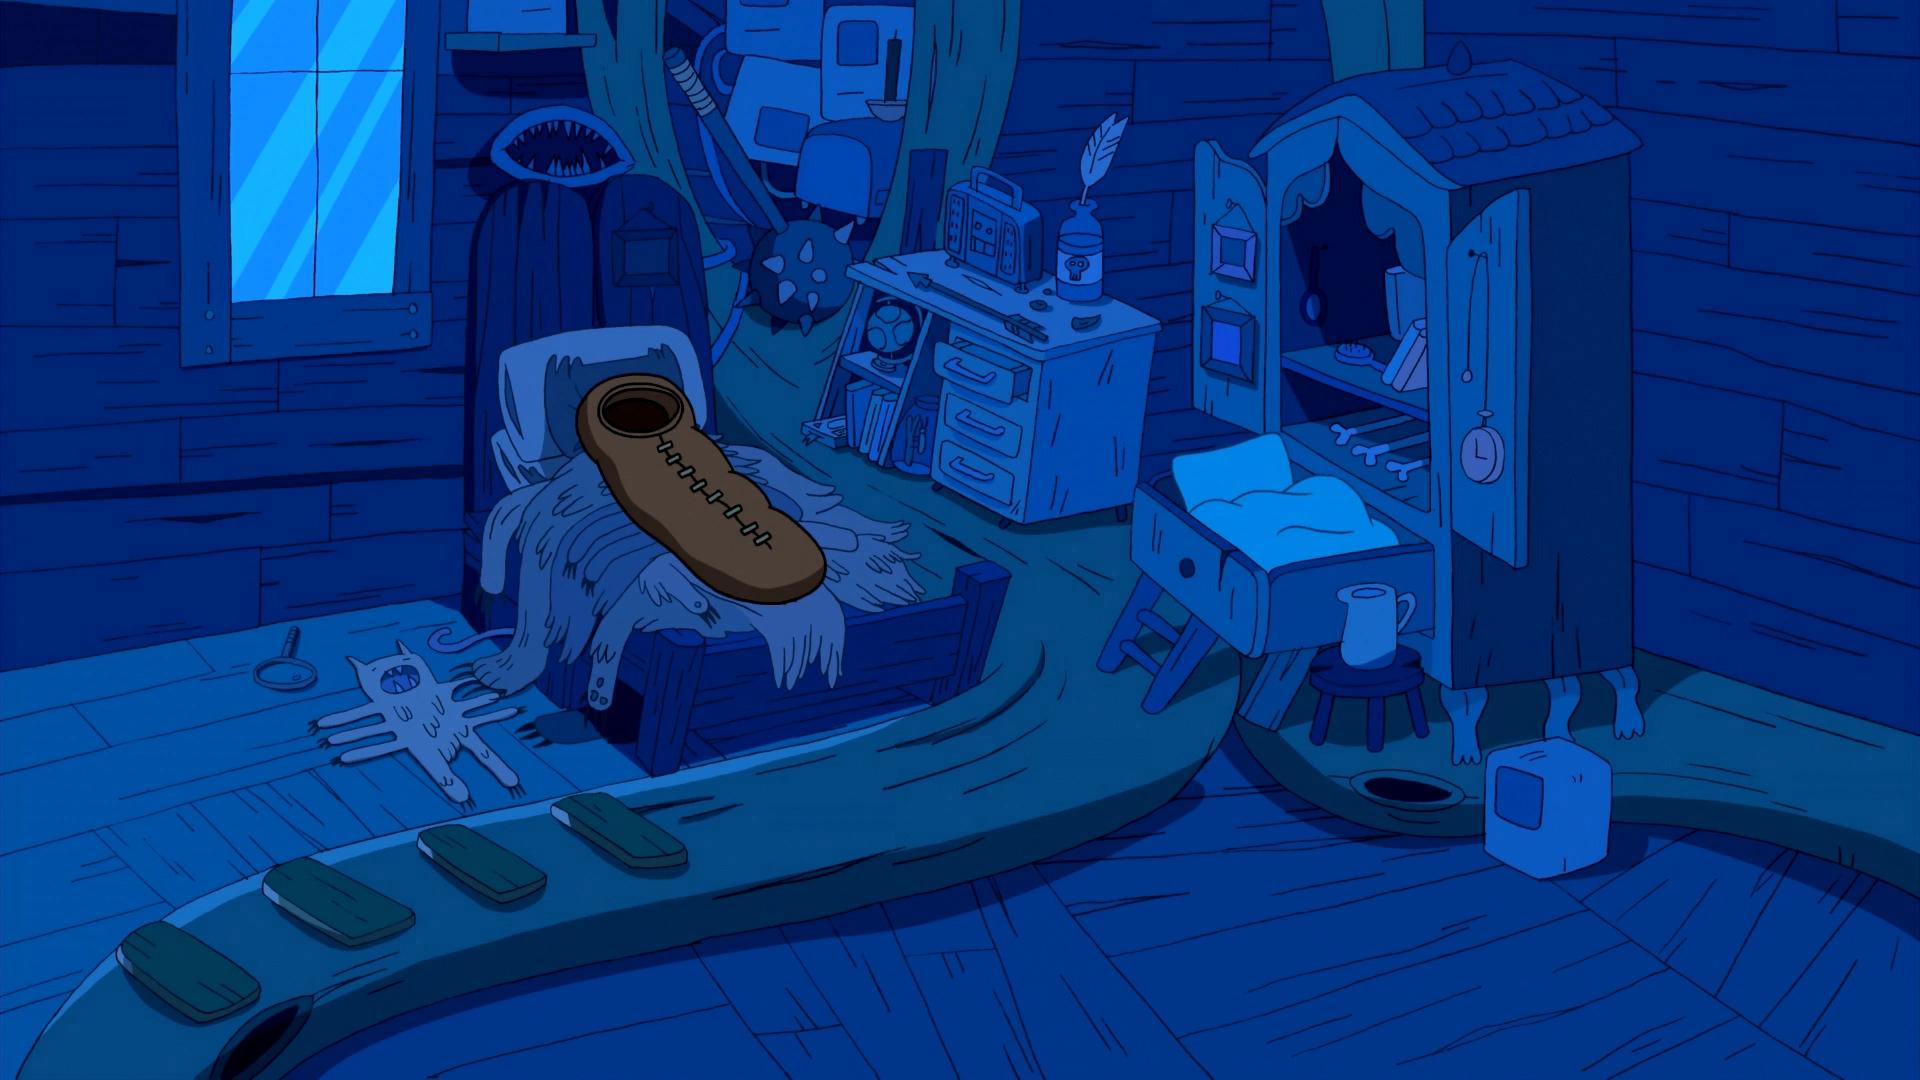 Finn's bedroom